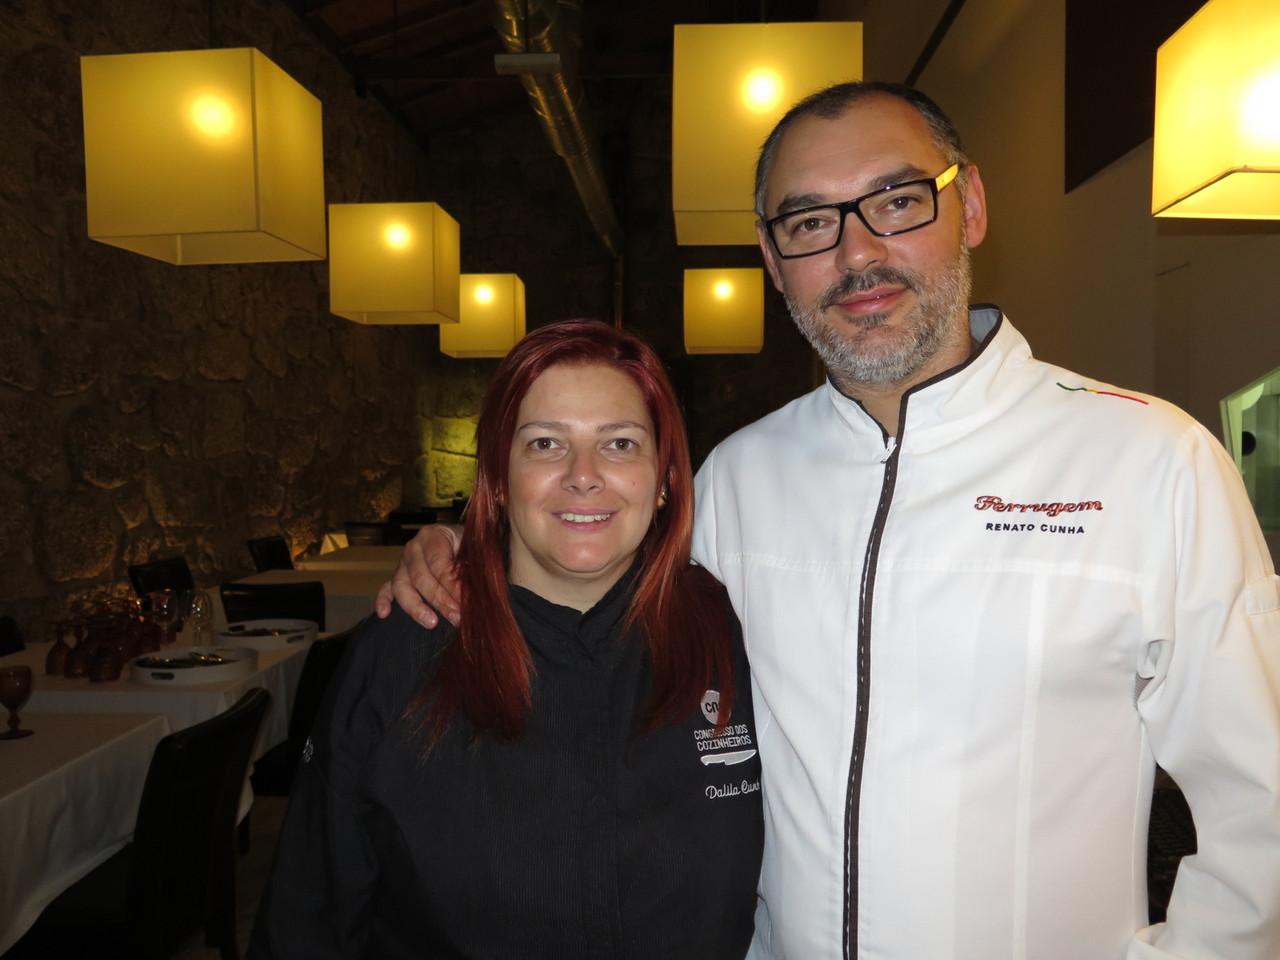 Dalila e Renato.JPG